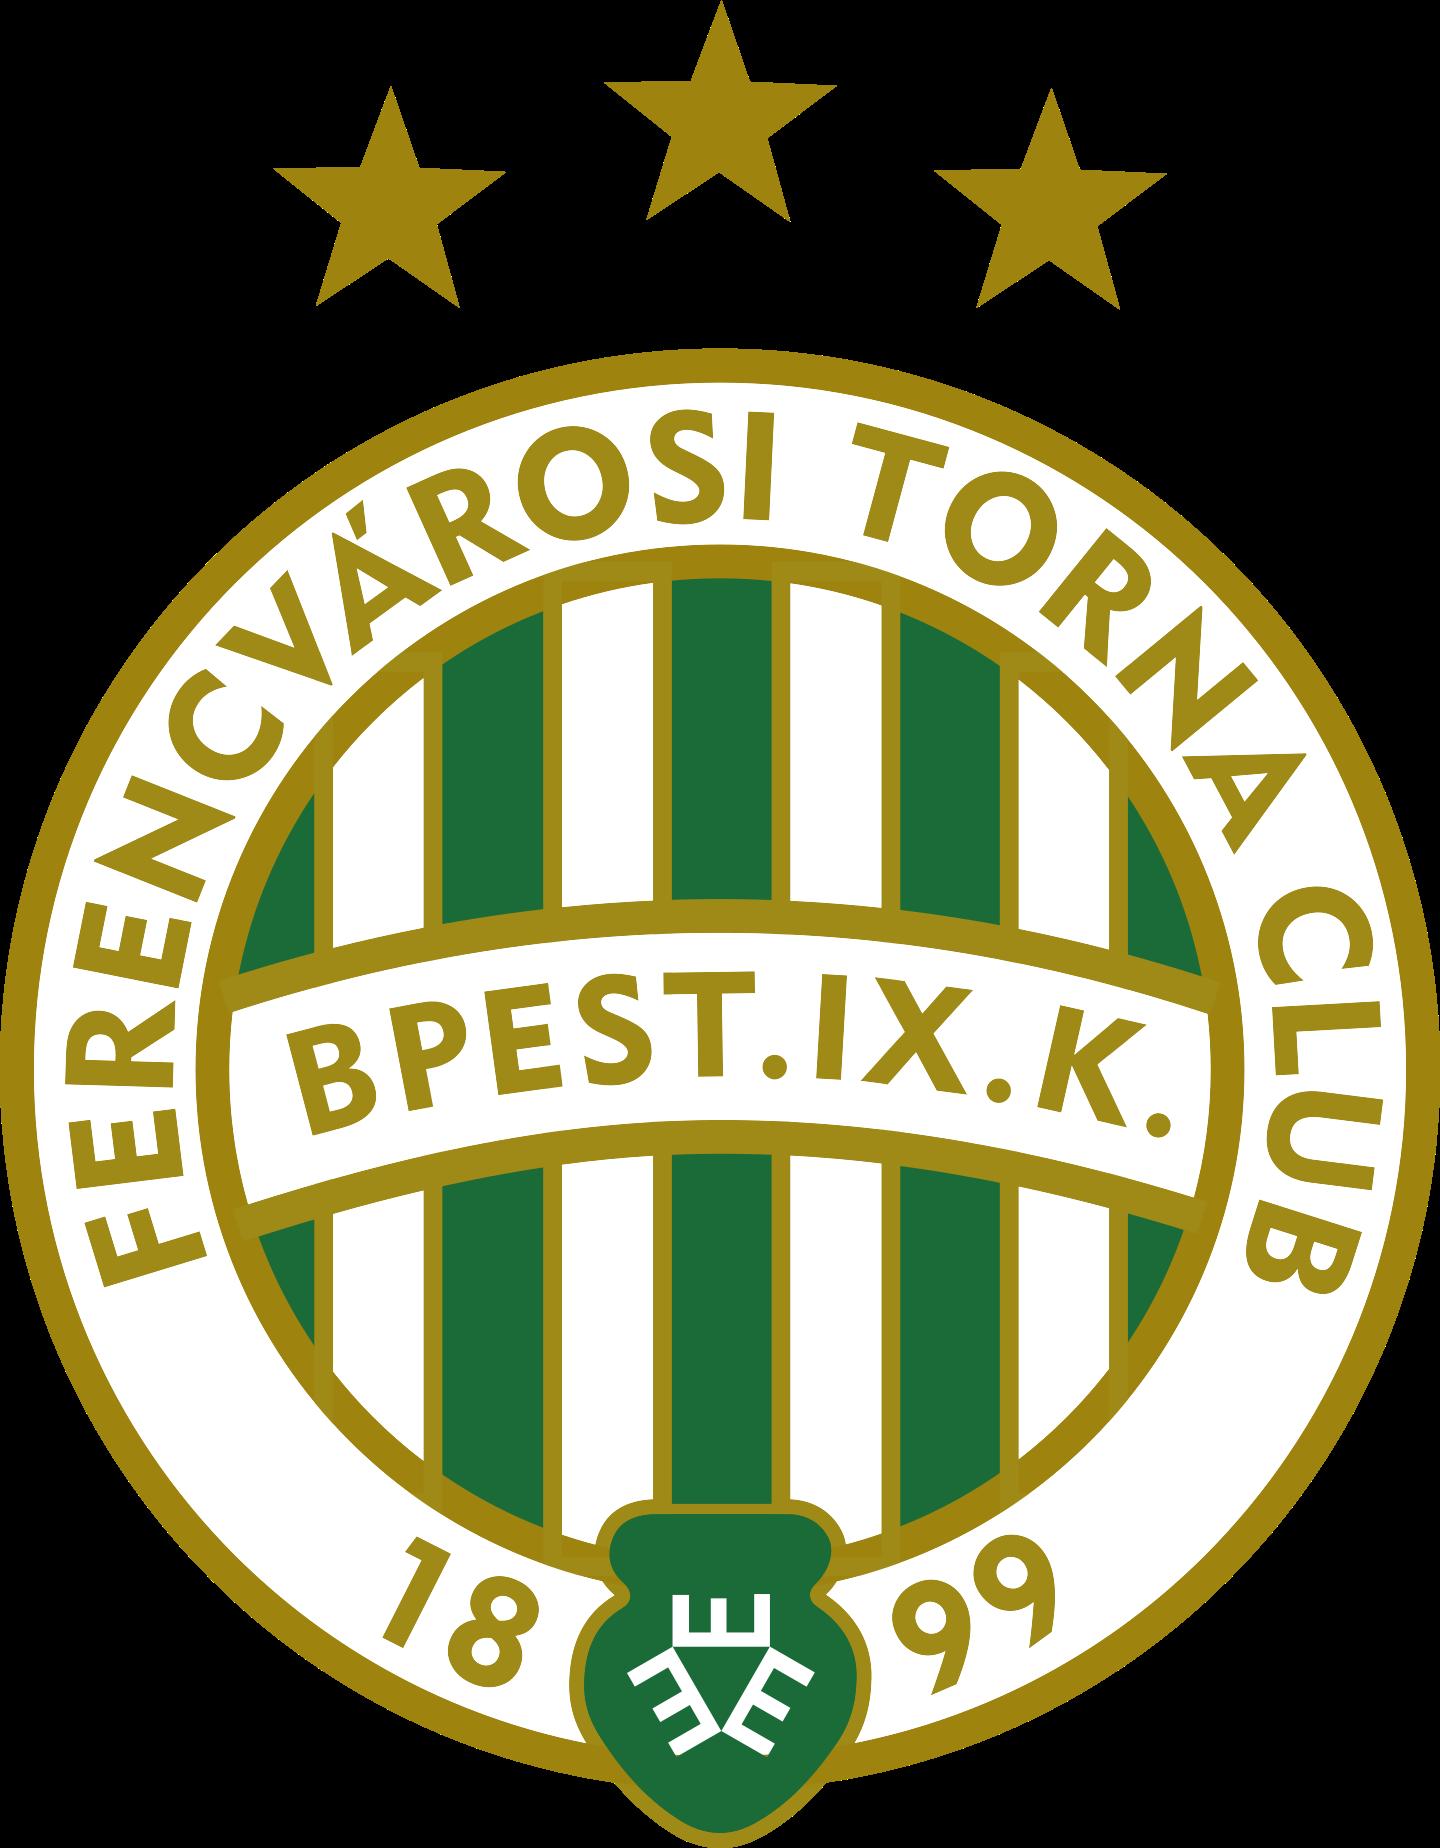 ferencvarosi torna club logo 2 - Ferencvárosi Torna Club Logo